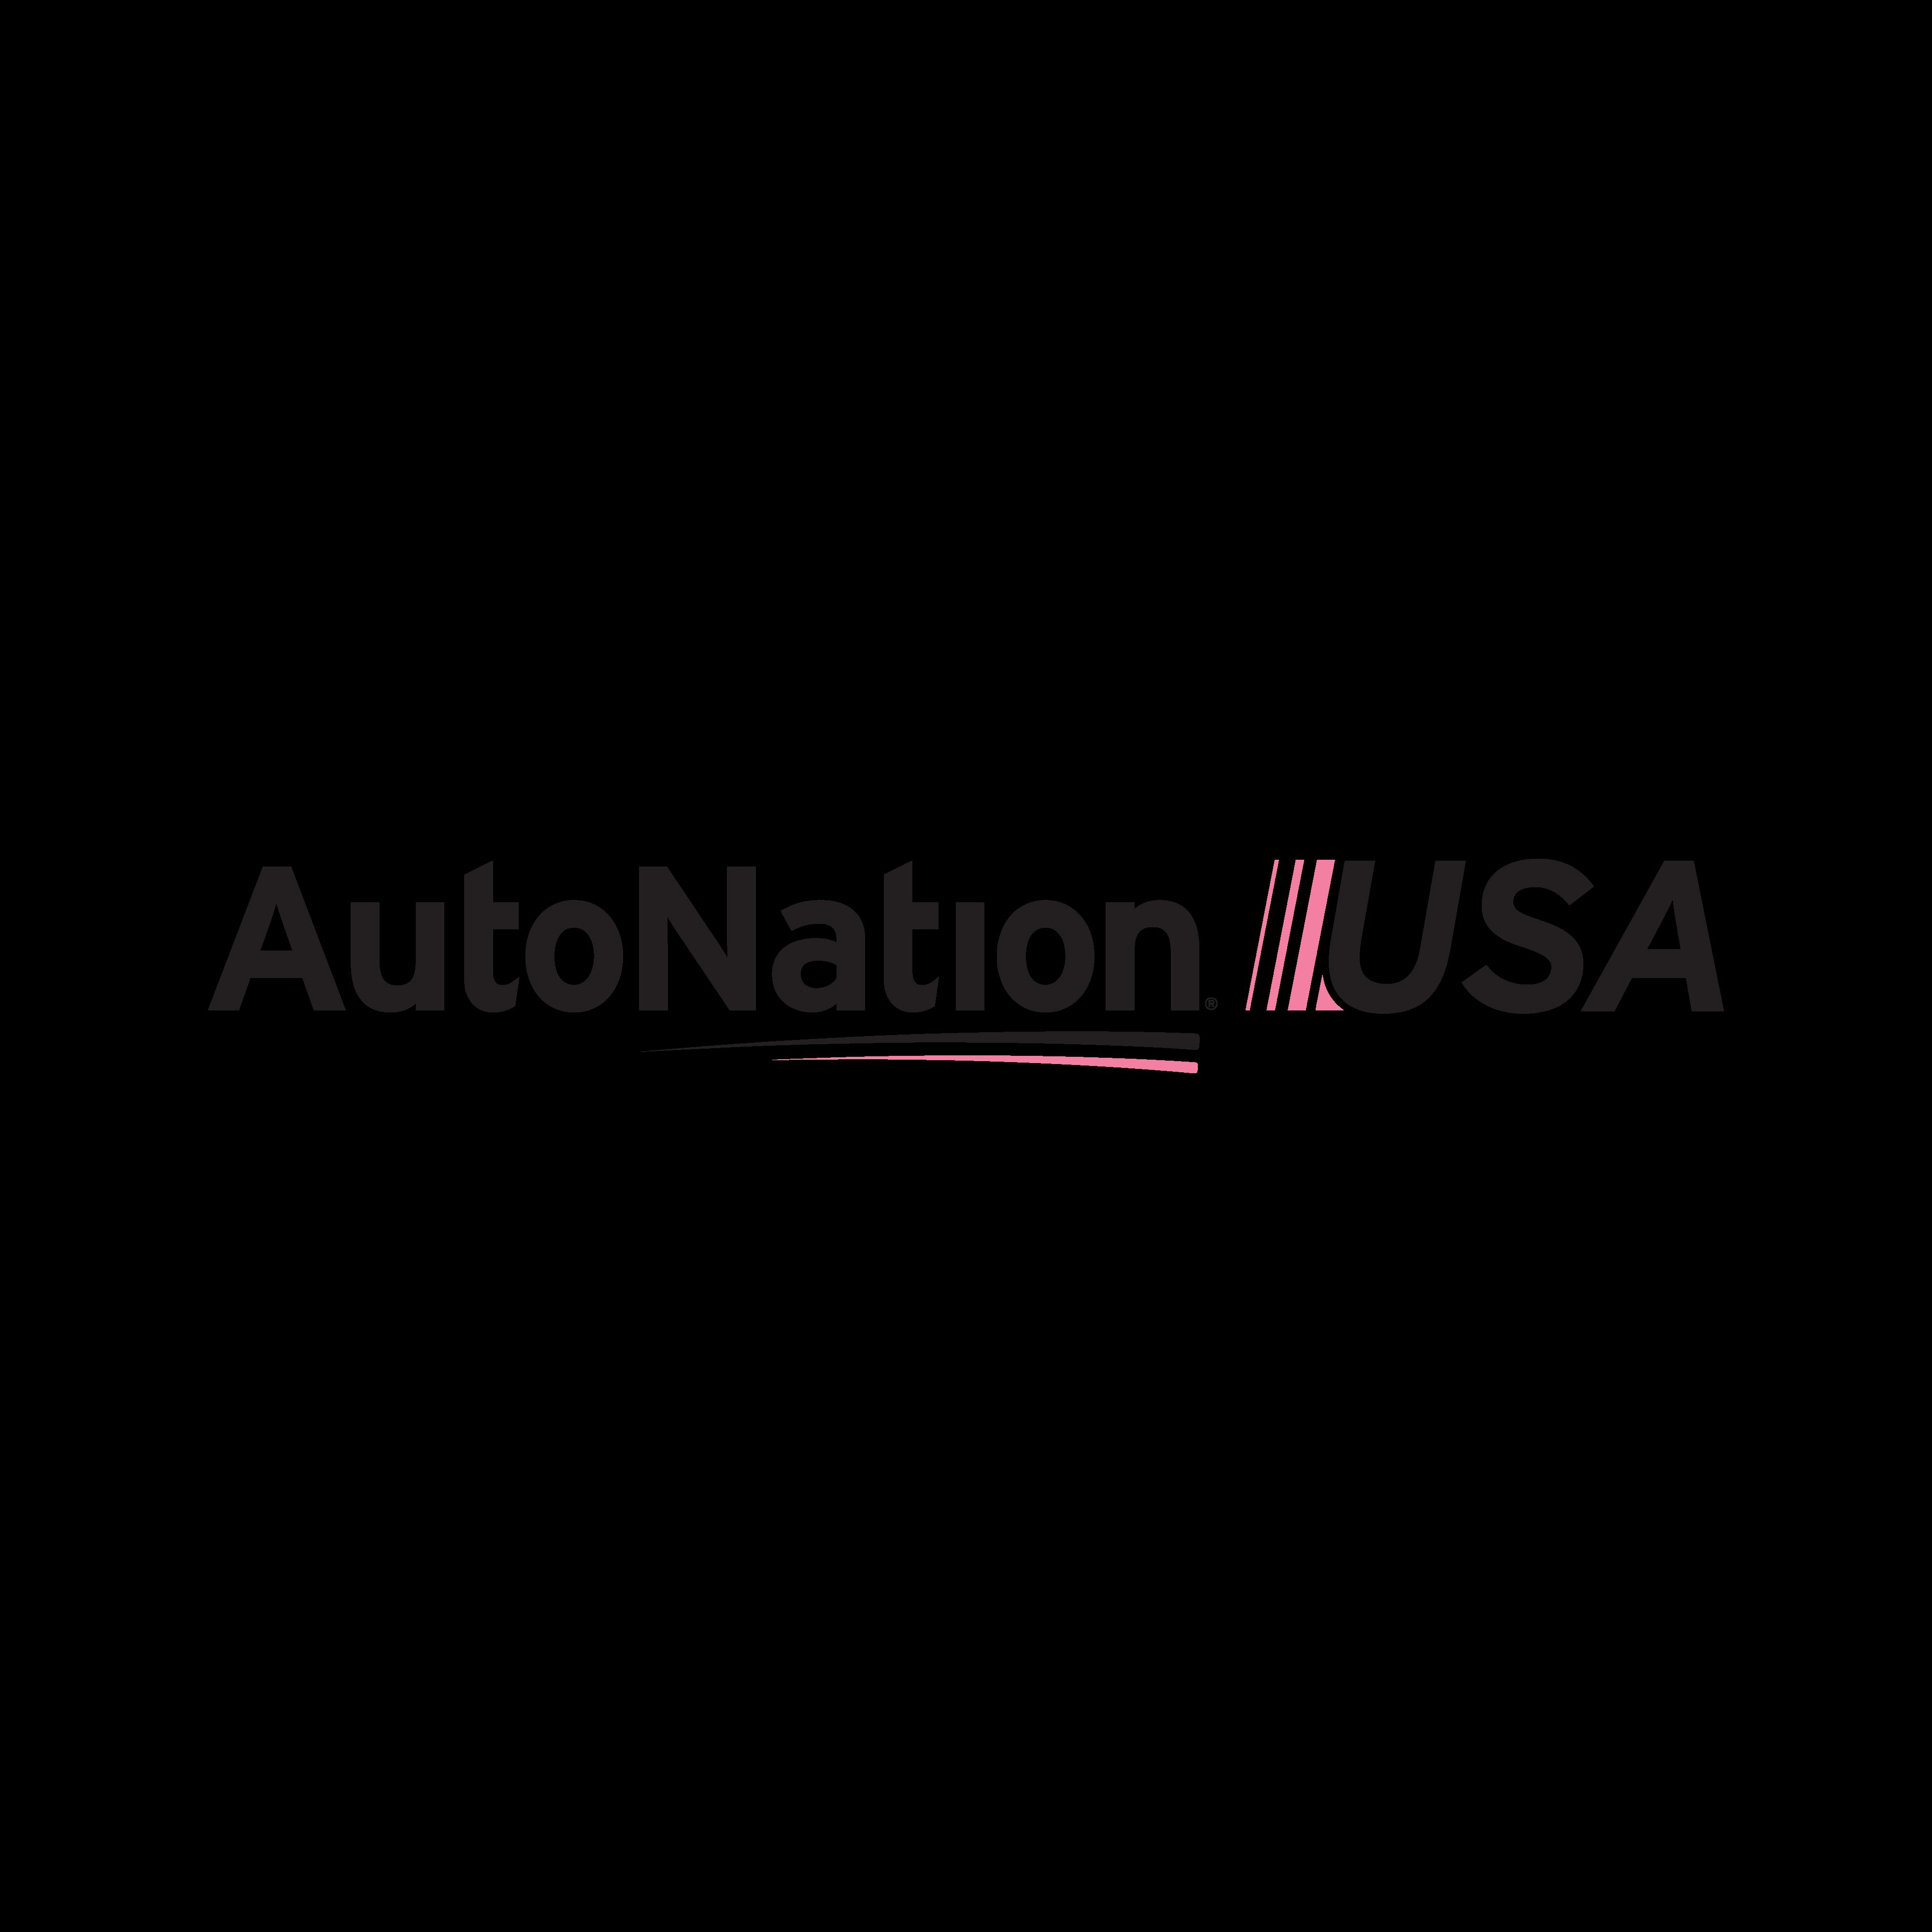 AutoNation USA Katy Katy Freeway Katy TX Auto Dealers MapQuest